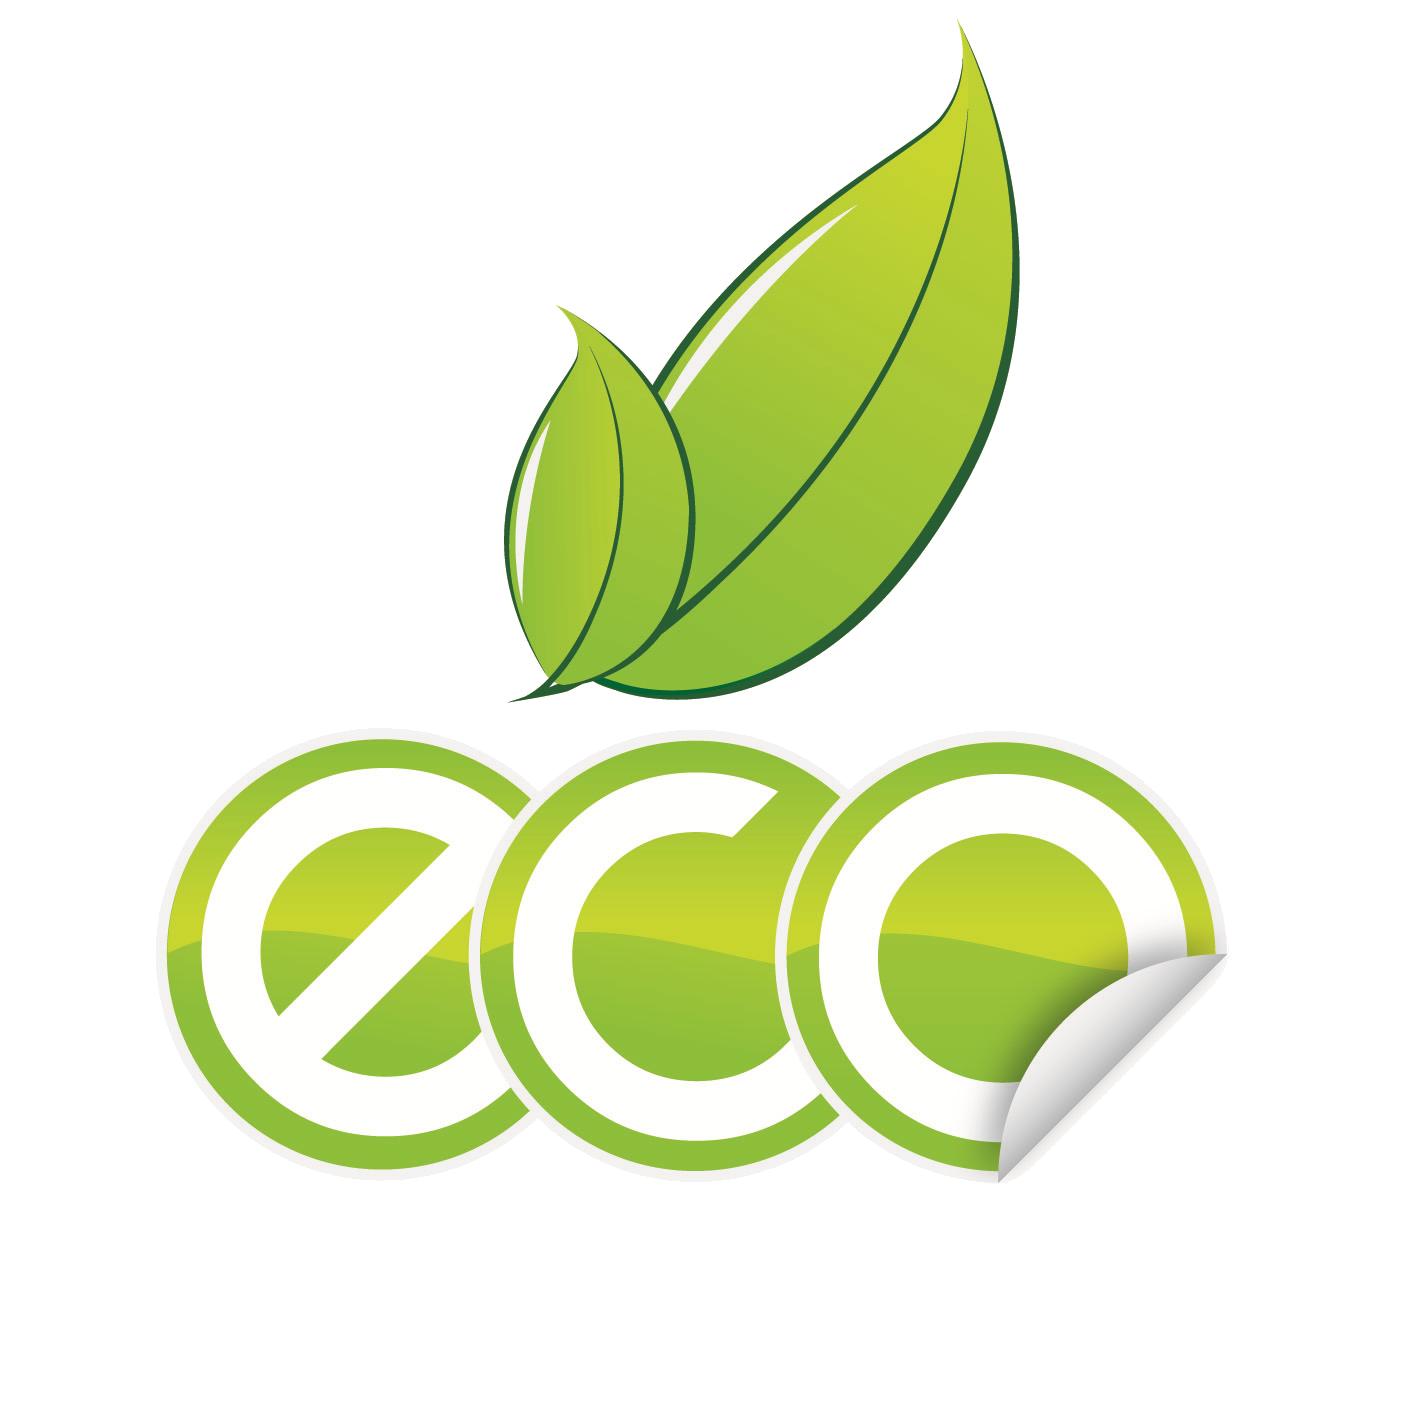 ECO Logo - Eco PNG